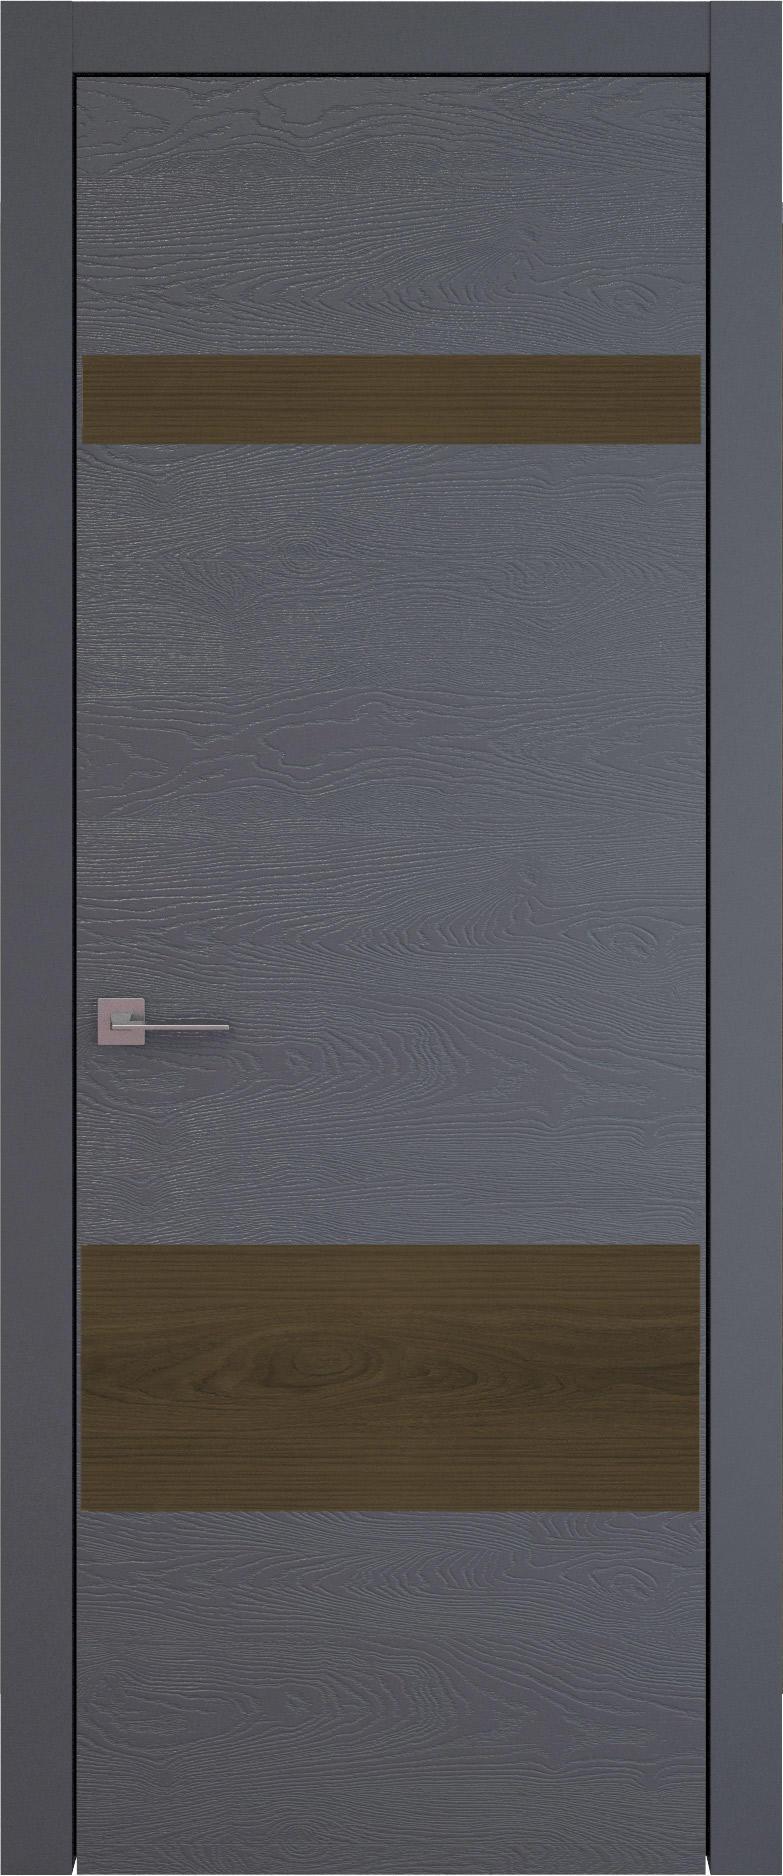 Tivoli К-4 цвет - Графитово-серая эмаль по шпону (RAL 7024) Без стекла (ДГ)